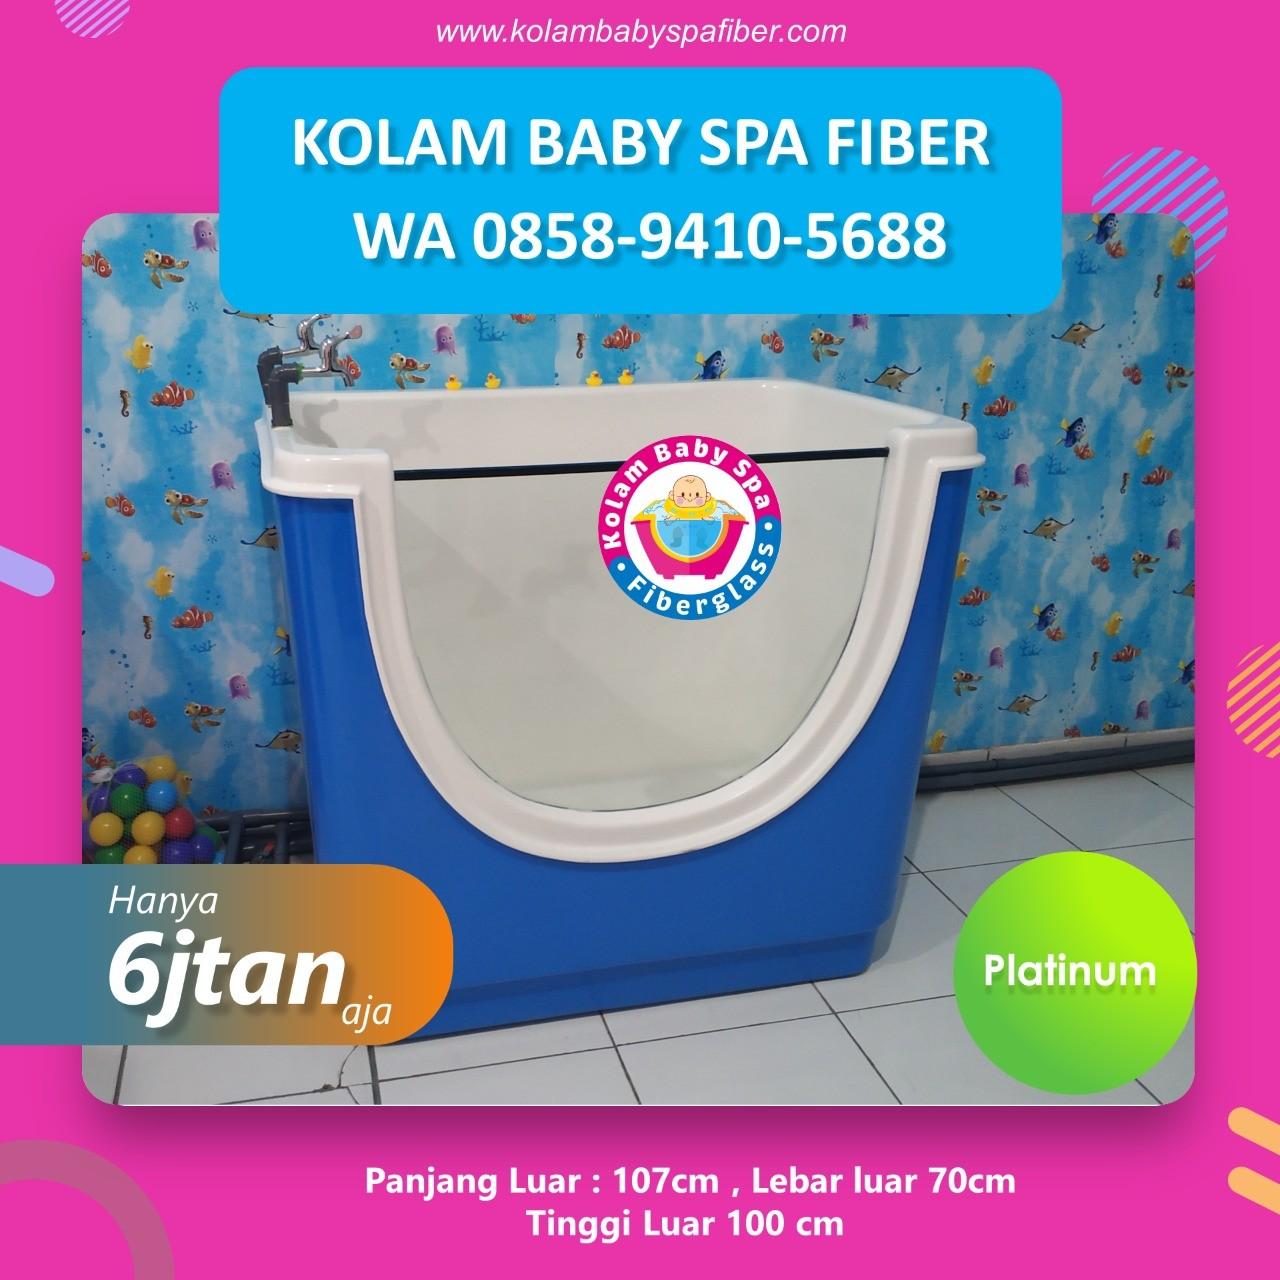 Harga Kolam Baby Spa Kediri termurah